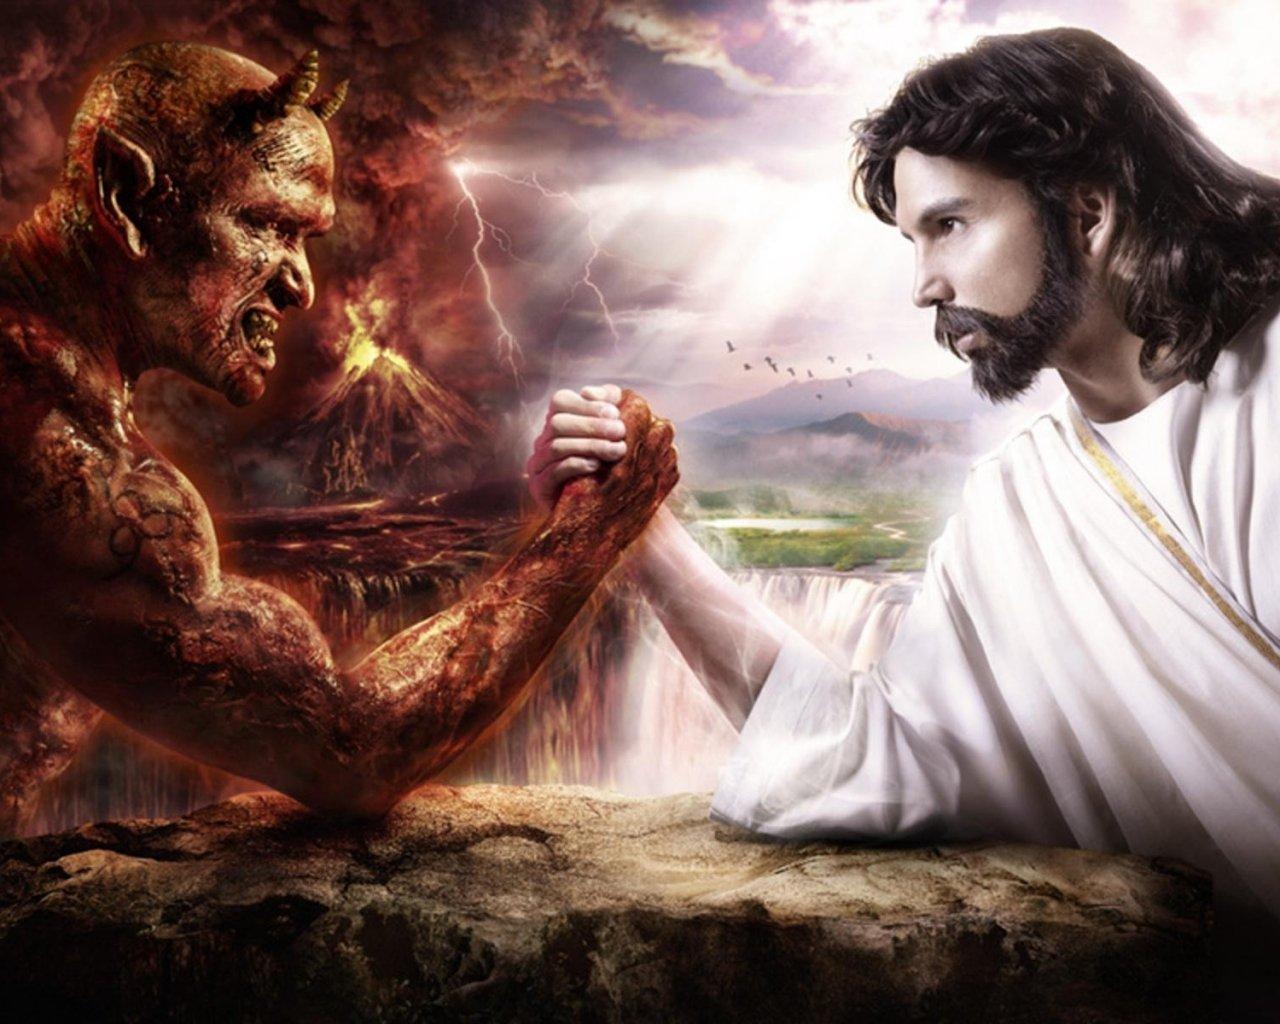 Jesus Vs Satanas   1280x1024 1280x1024